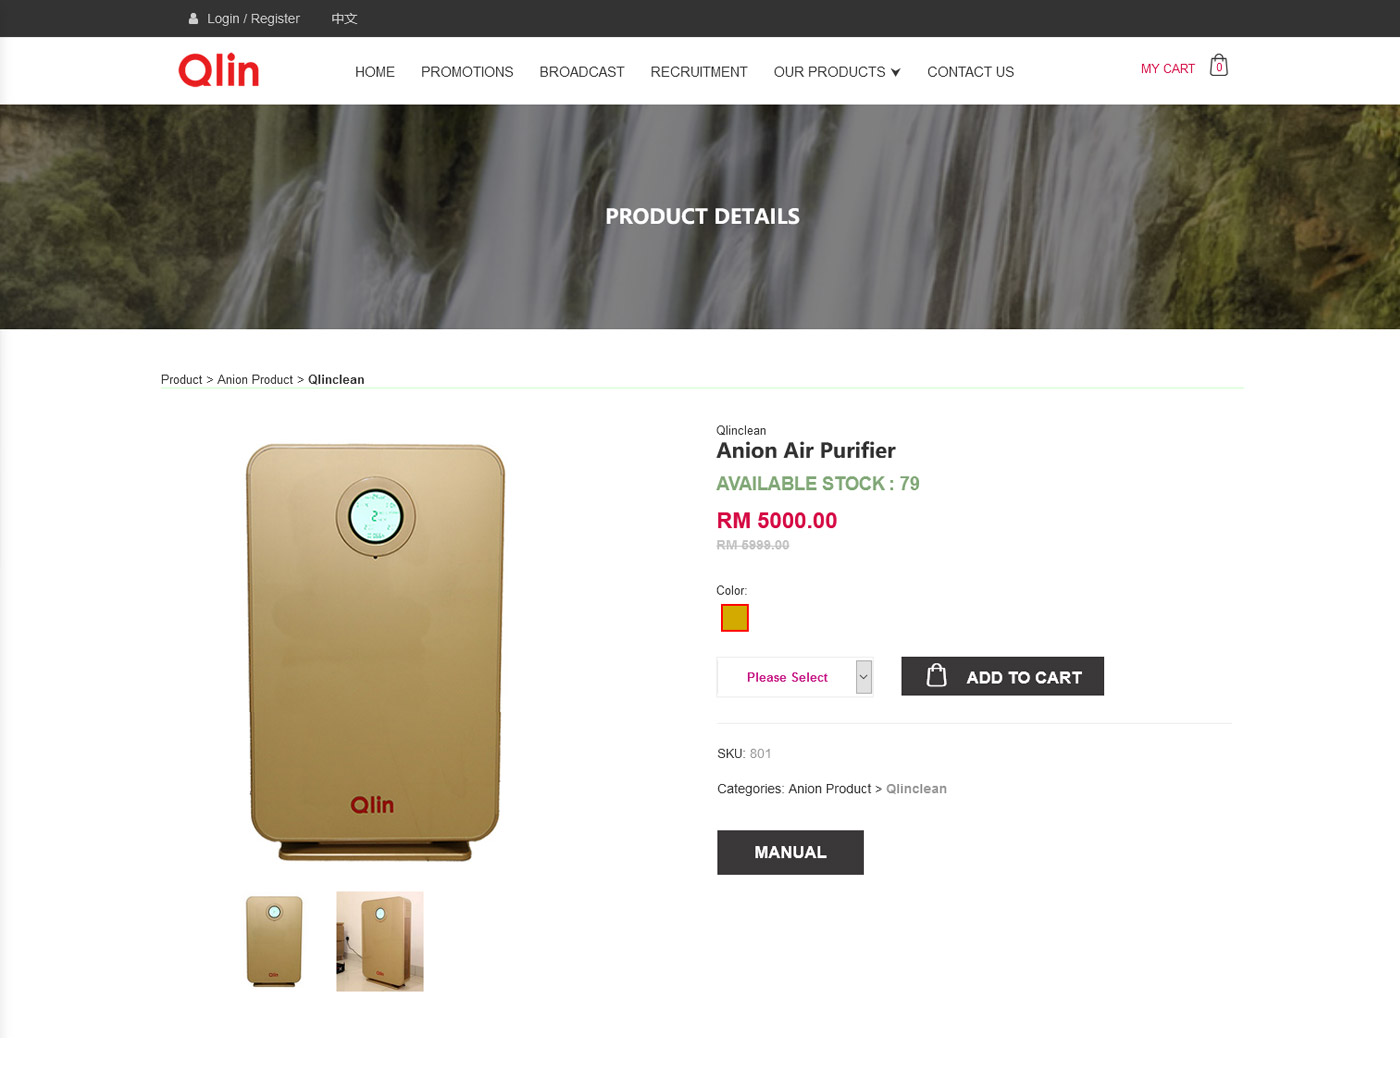 qlin-detail-2